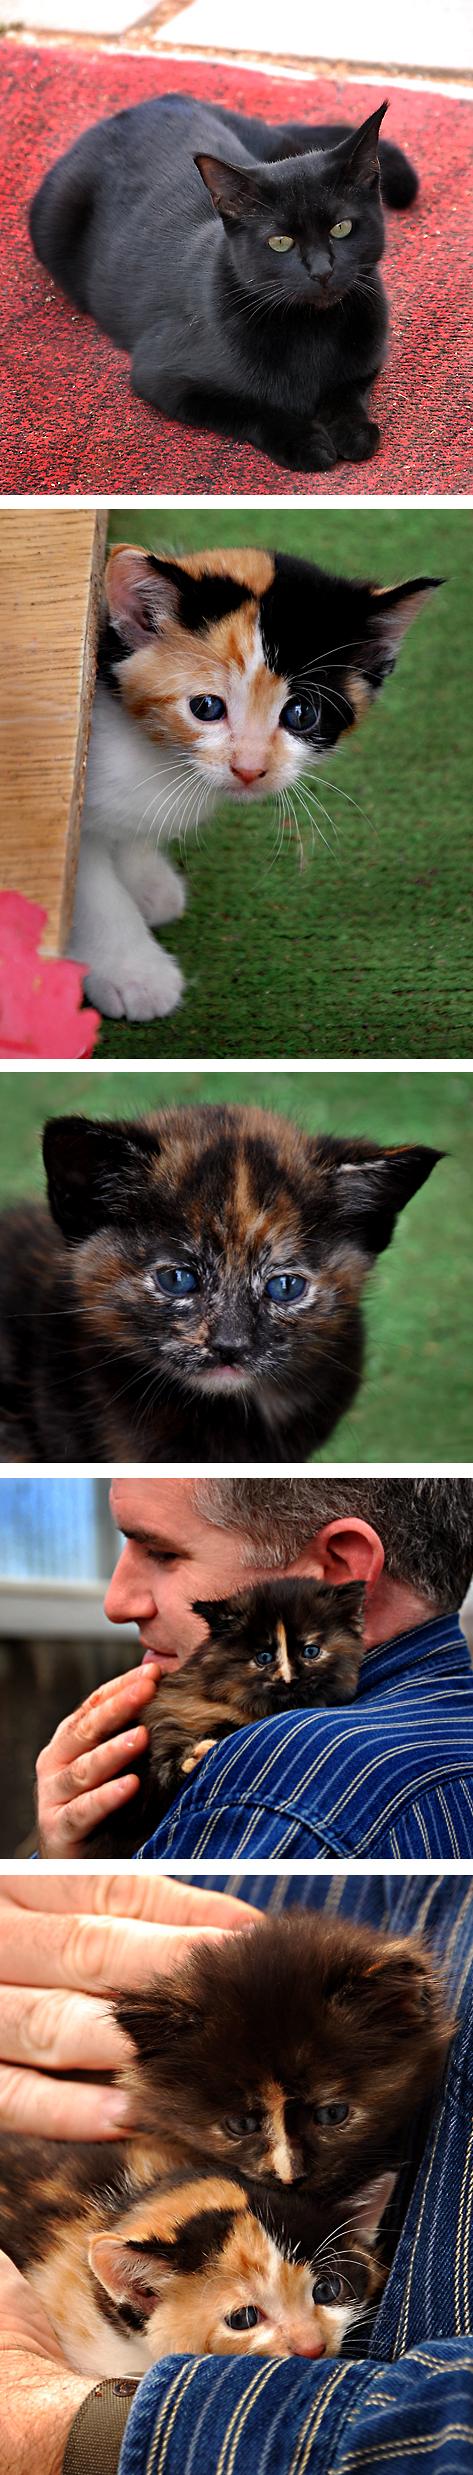 kittensforblog